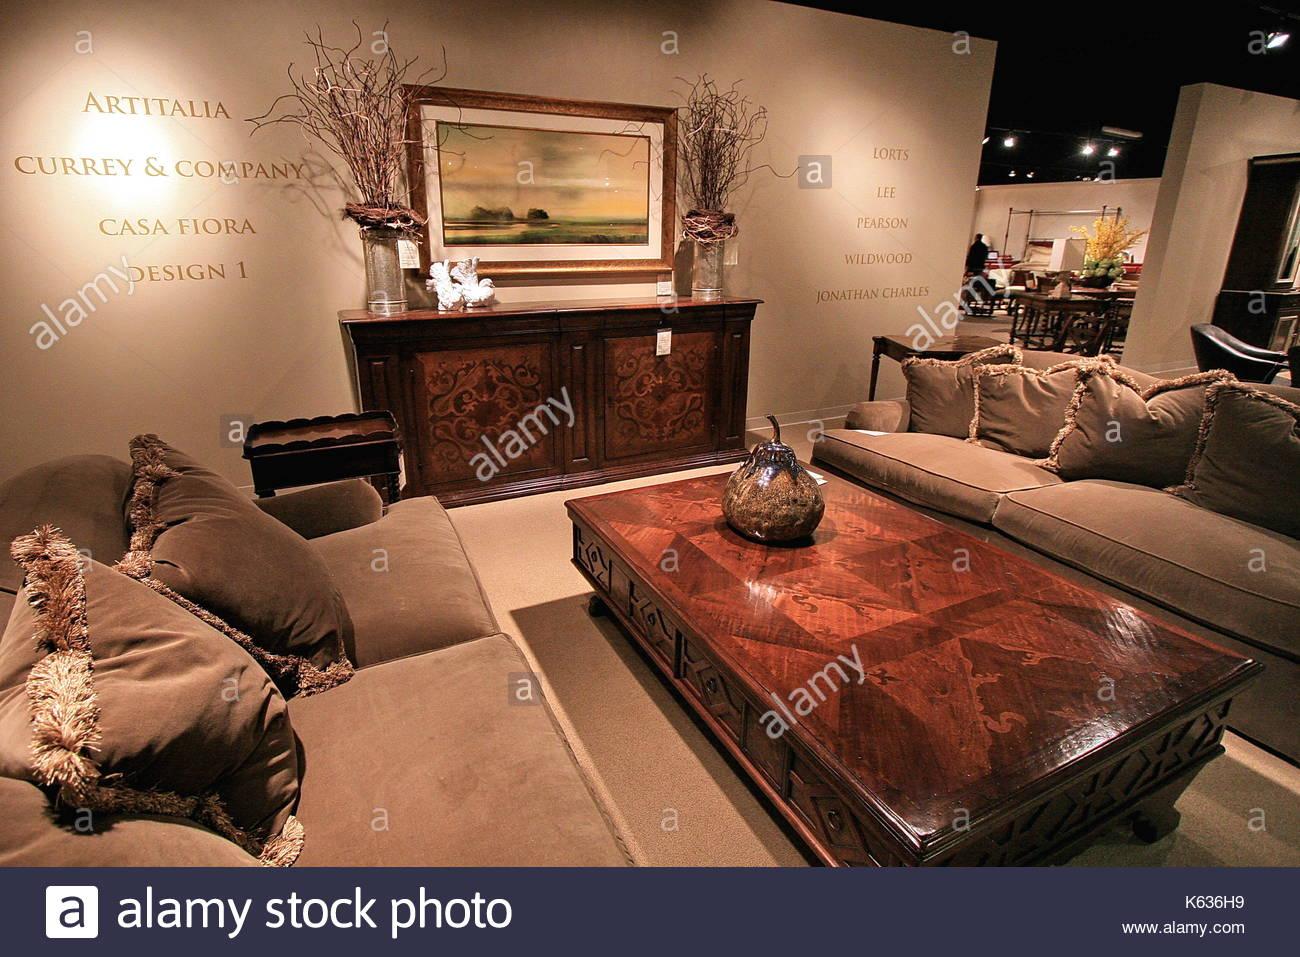 Home Furnishings Imágenes De Stock & Home Furnishings Fotos De Stock ...